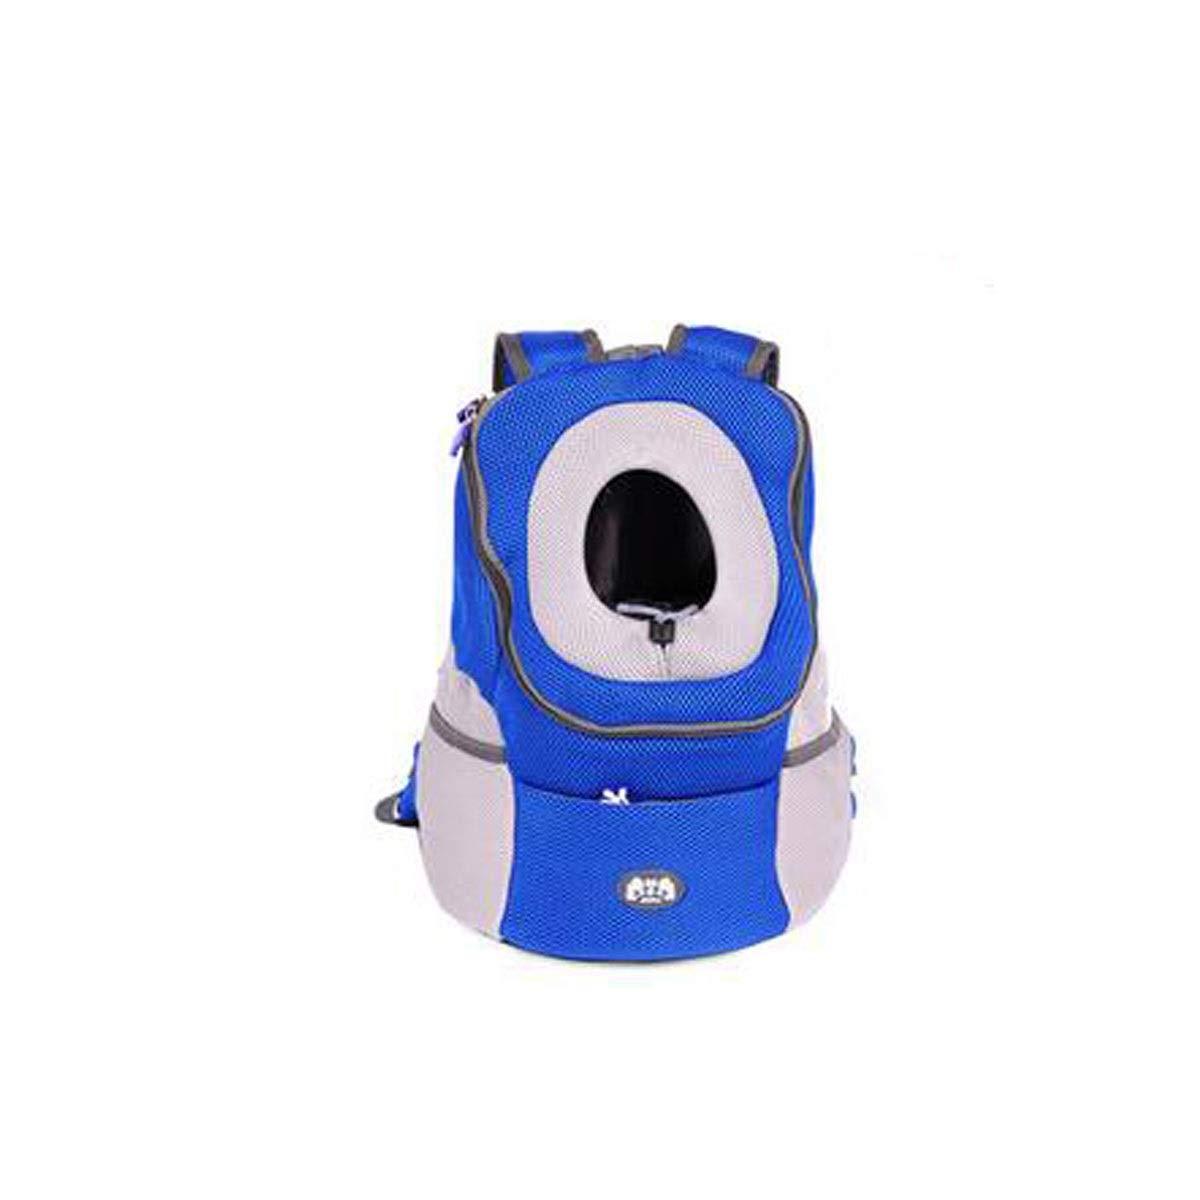 Guyuexuan Zaino per animali domestici, borsa da viaggio con animali animali animali da compagnia, robusta borsa resistente all'usura e ventilata per cani, gatti, piccoli animali domestici, nero, blu, verde, arancione f36fbf